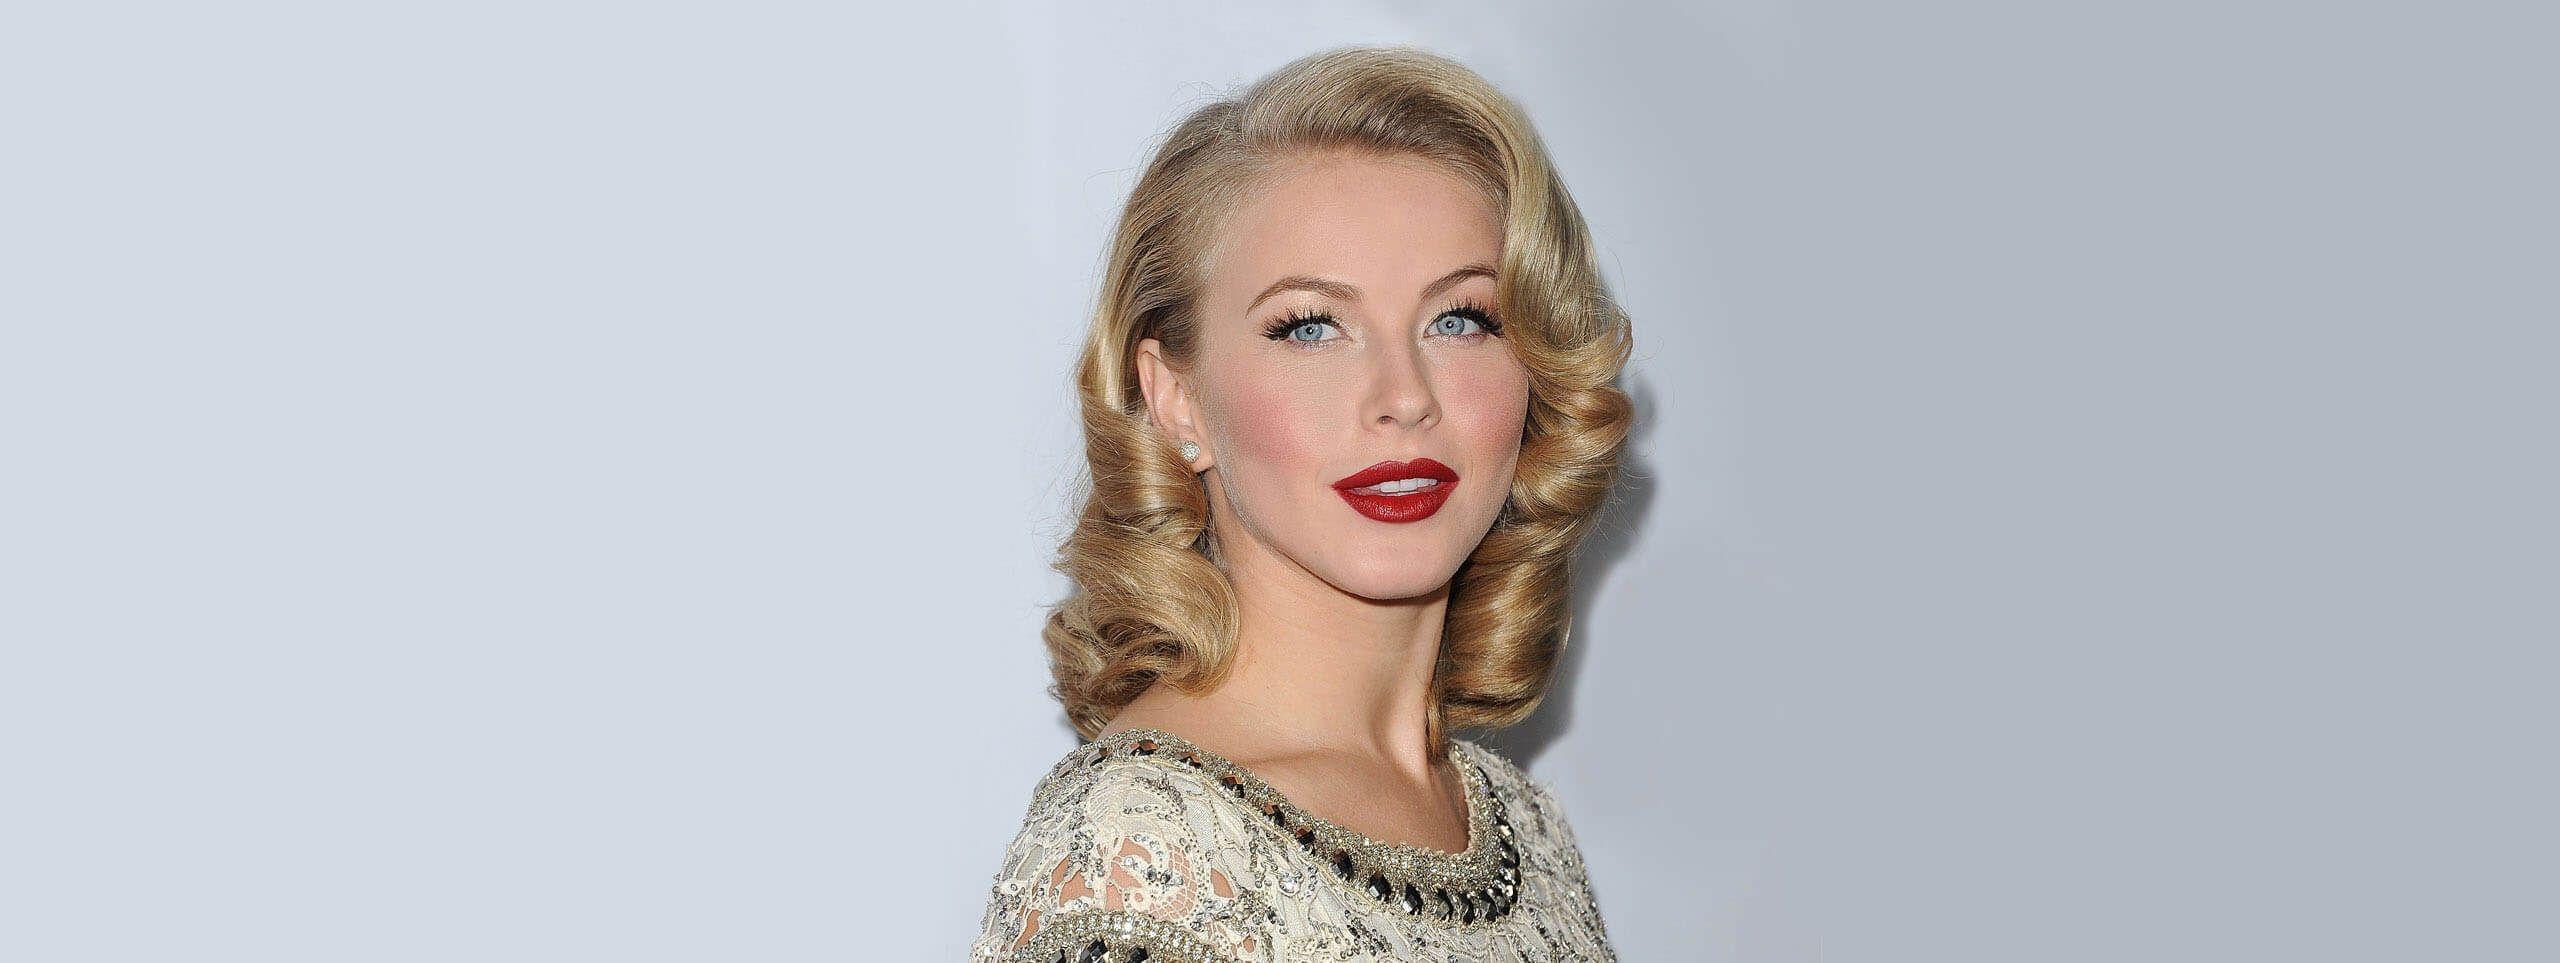 Julianne Hough z retro fryzurą z blond loków